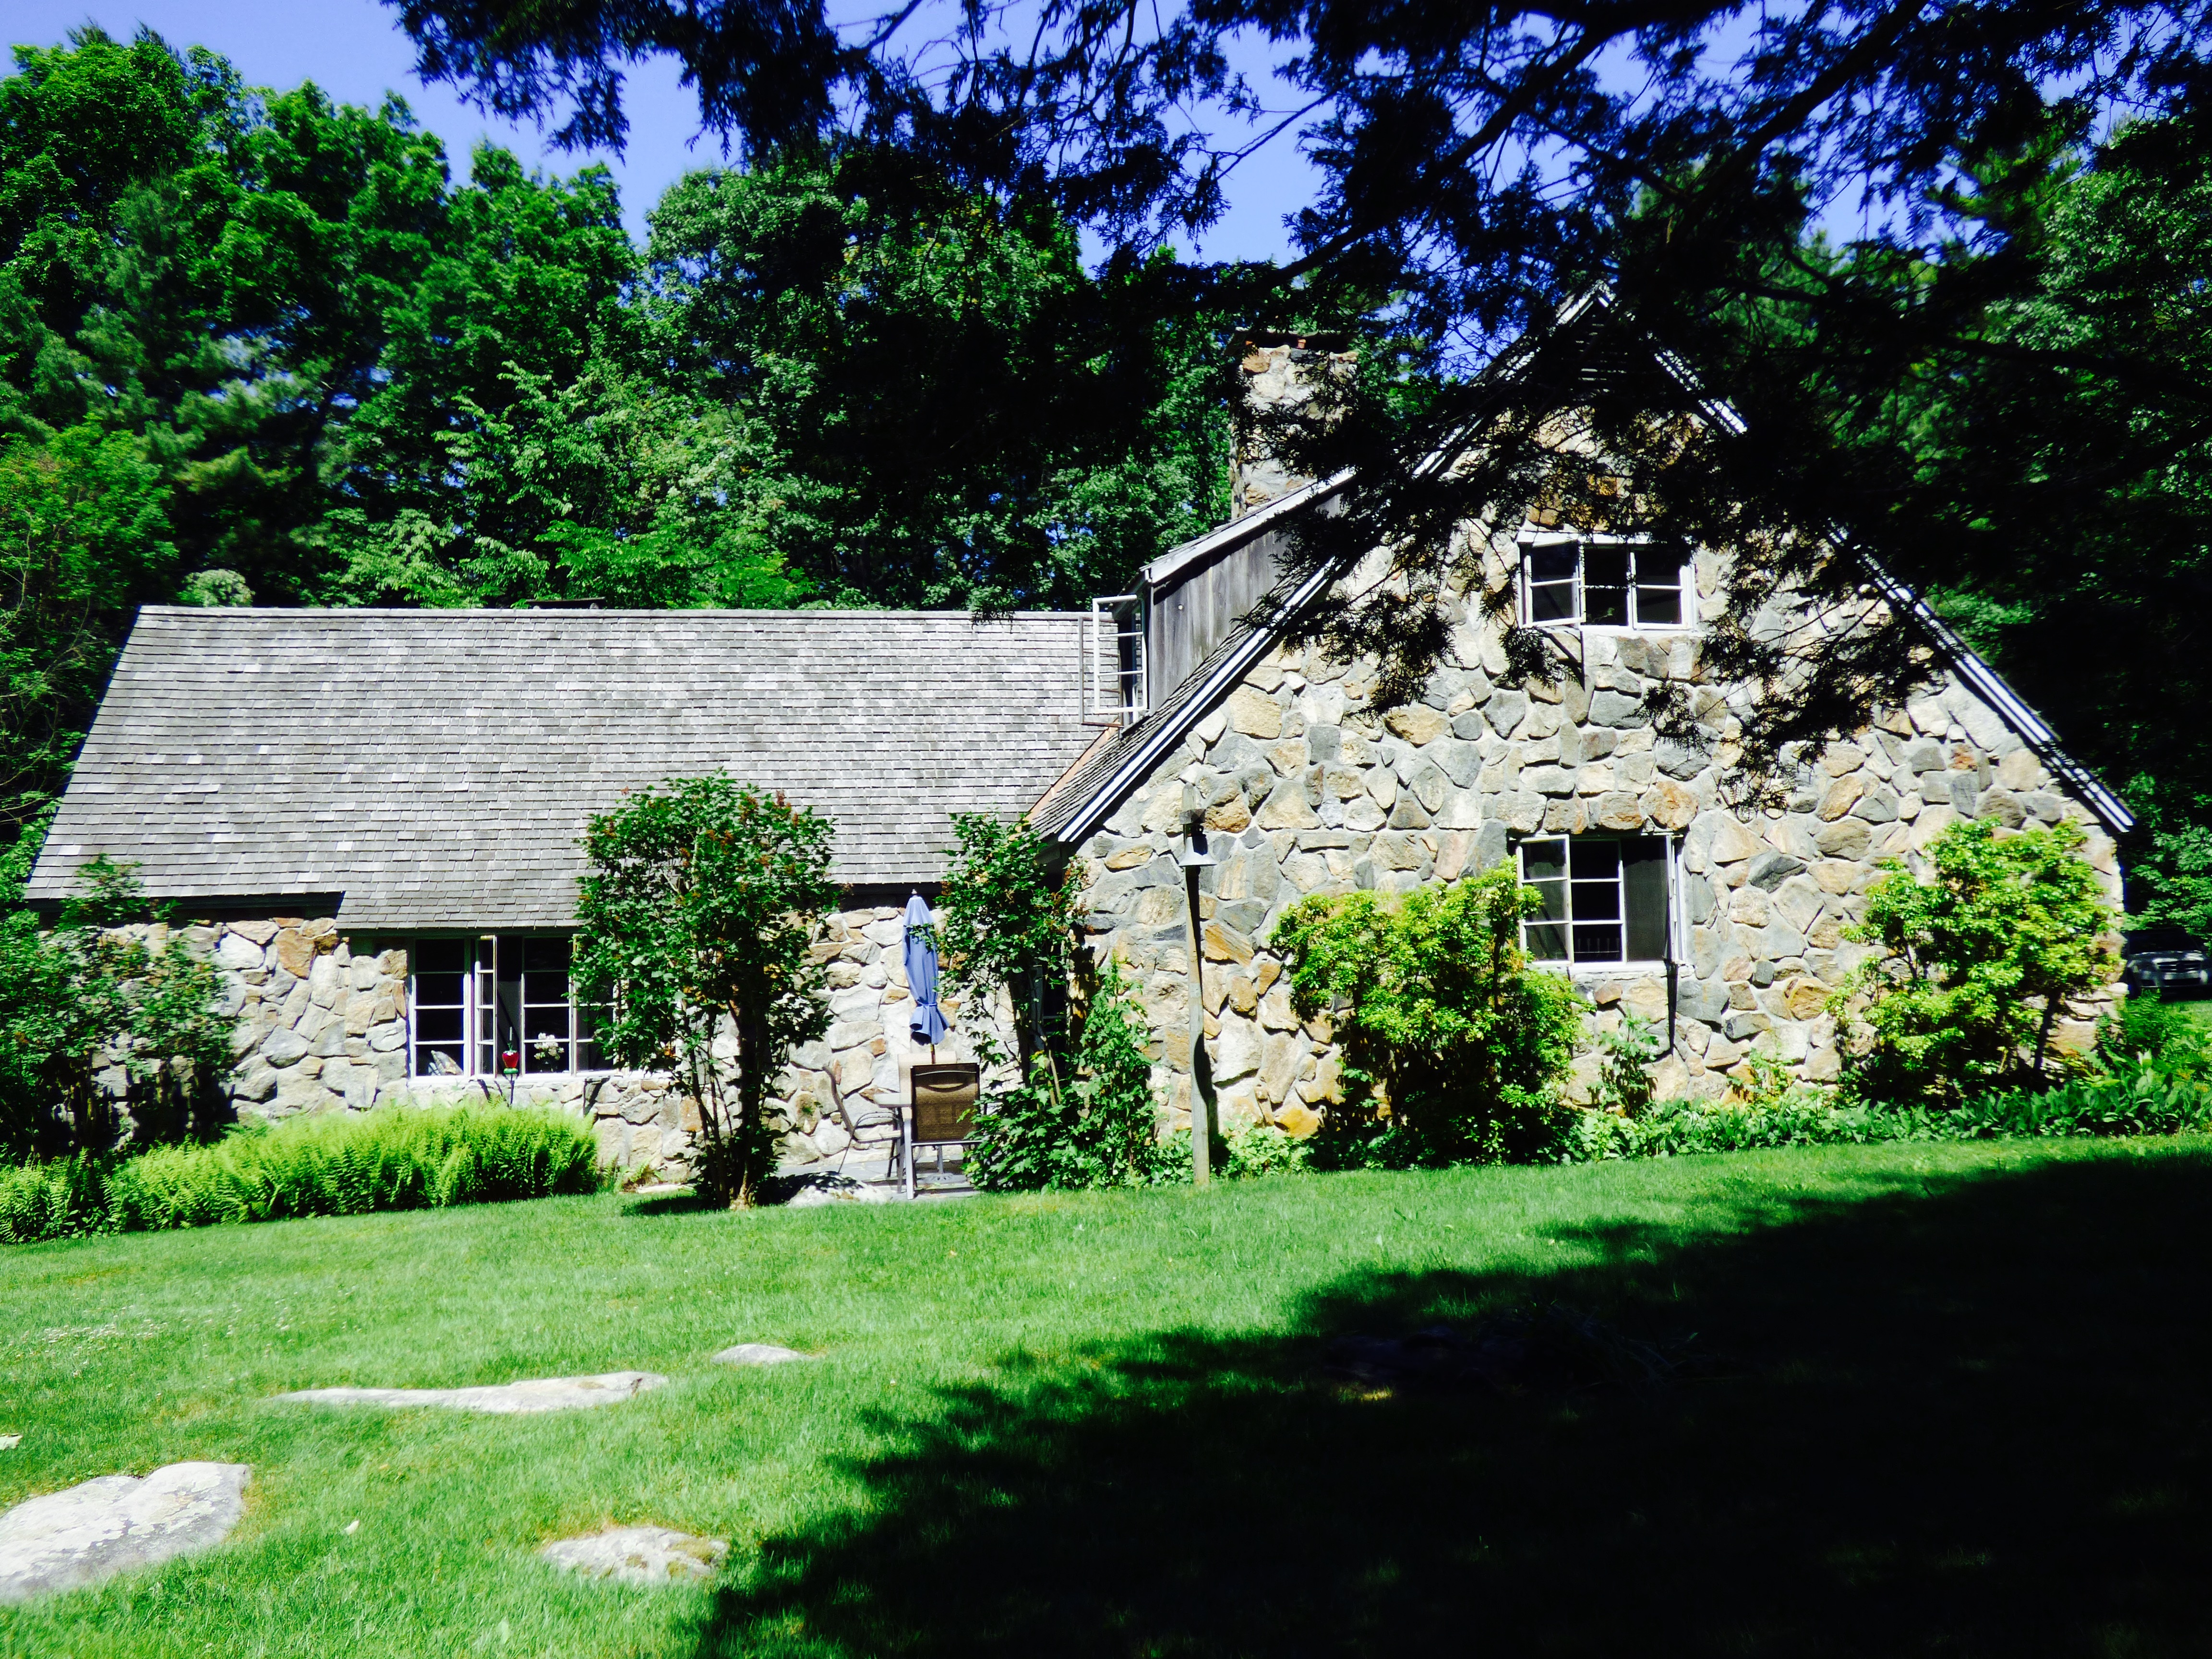 Casa Unifamiliar por un Venta en Storybook Stone Cottage on 19 Acres 24 Town Street South Cornwall, Connecticut, 06753 Estados Unidos